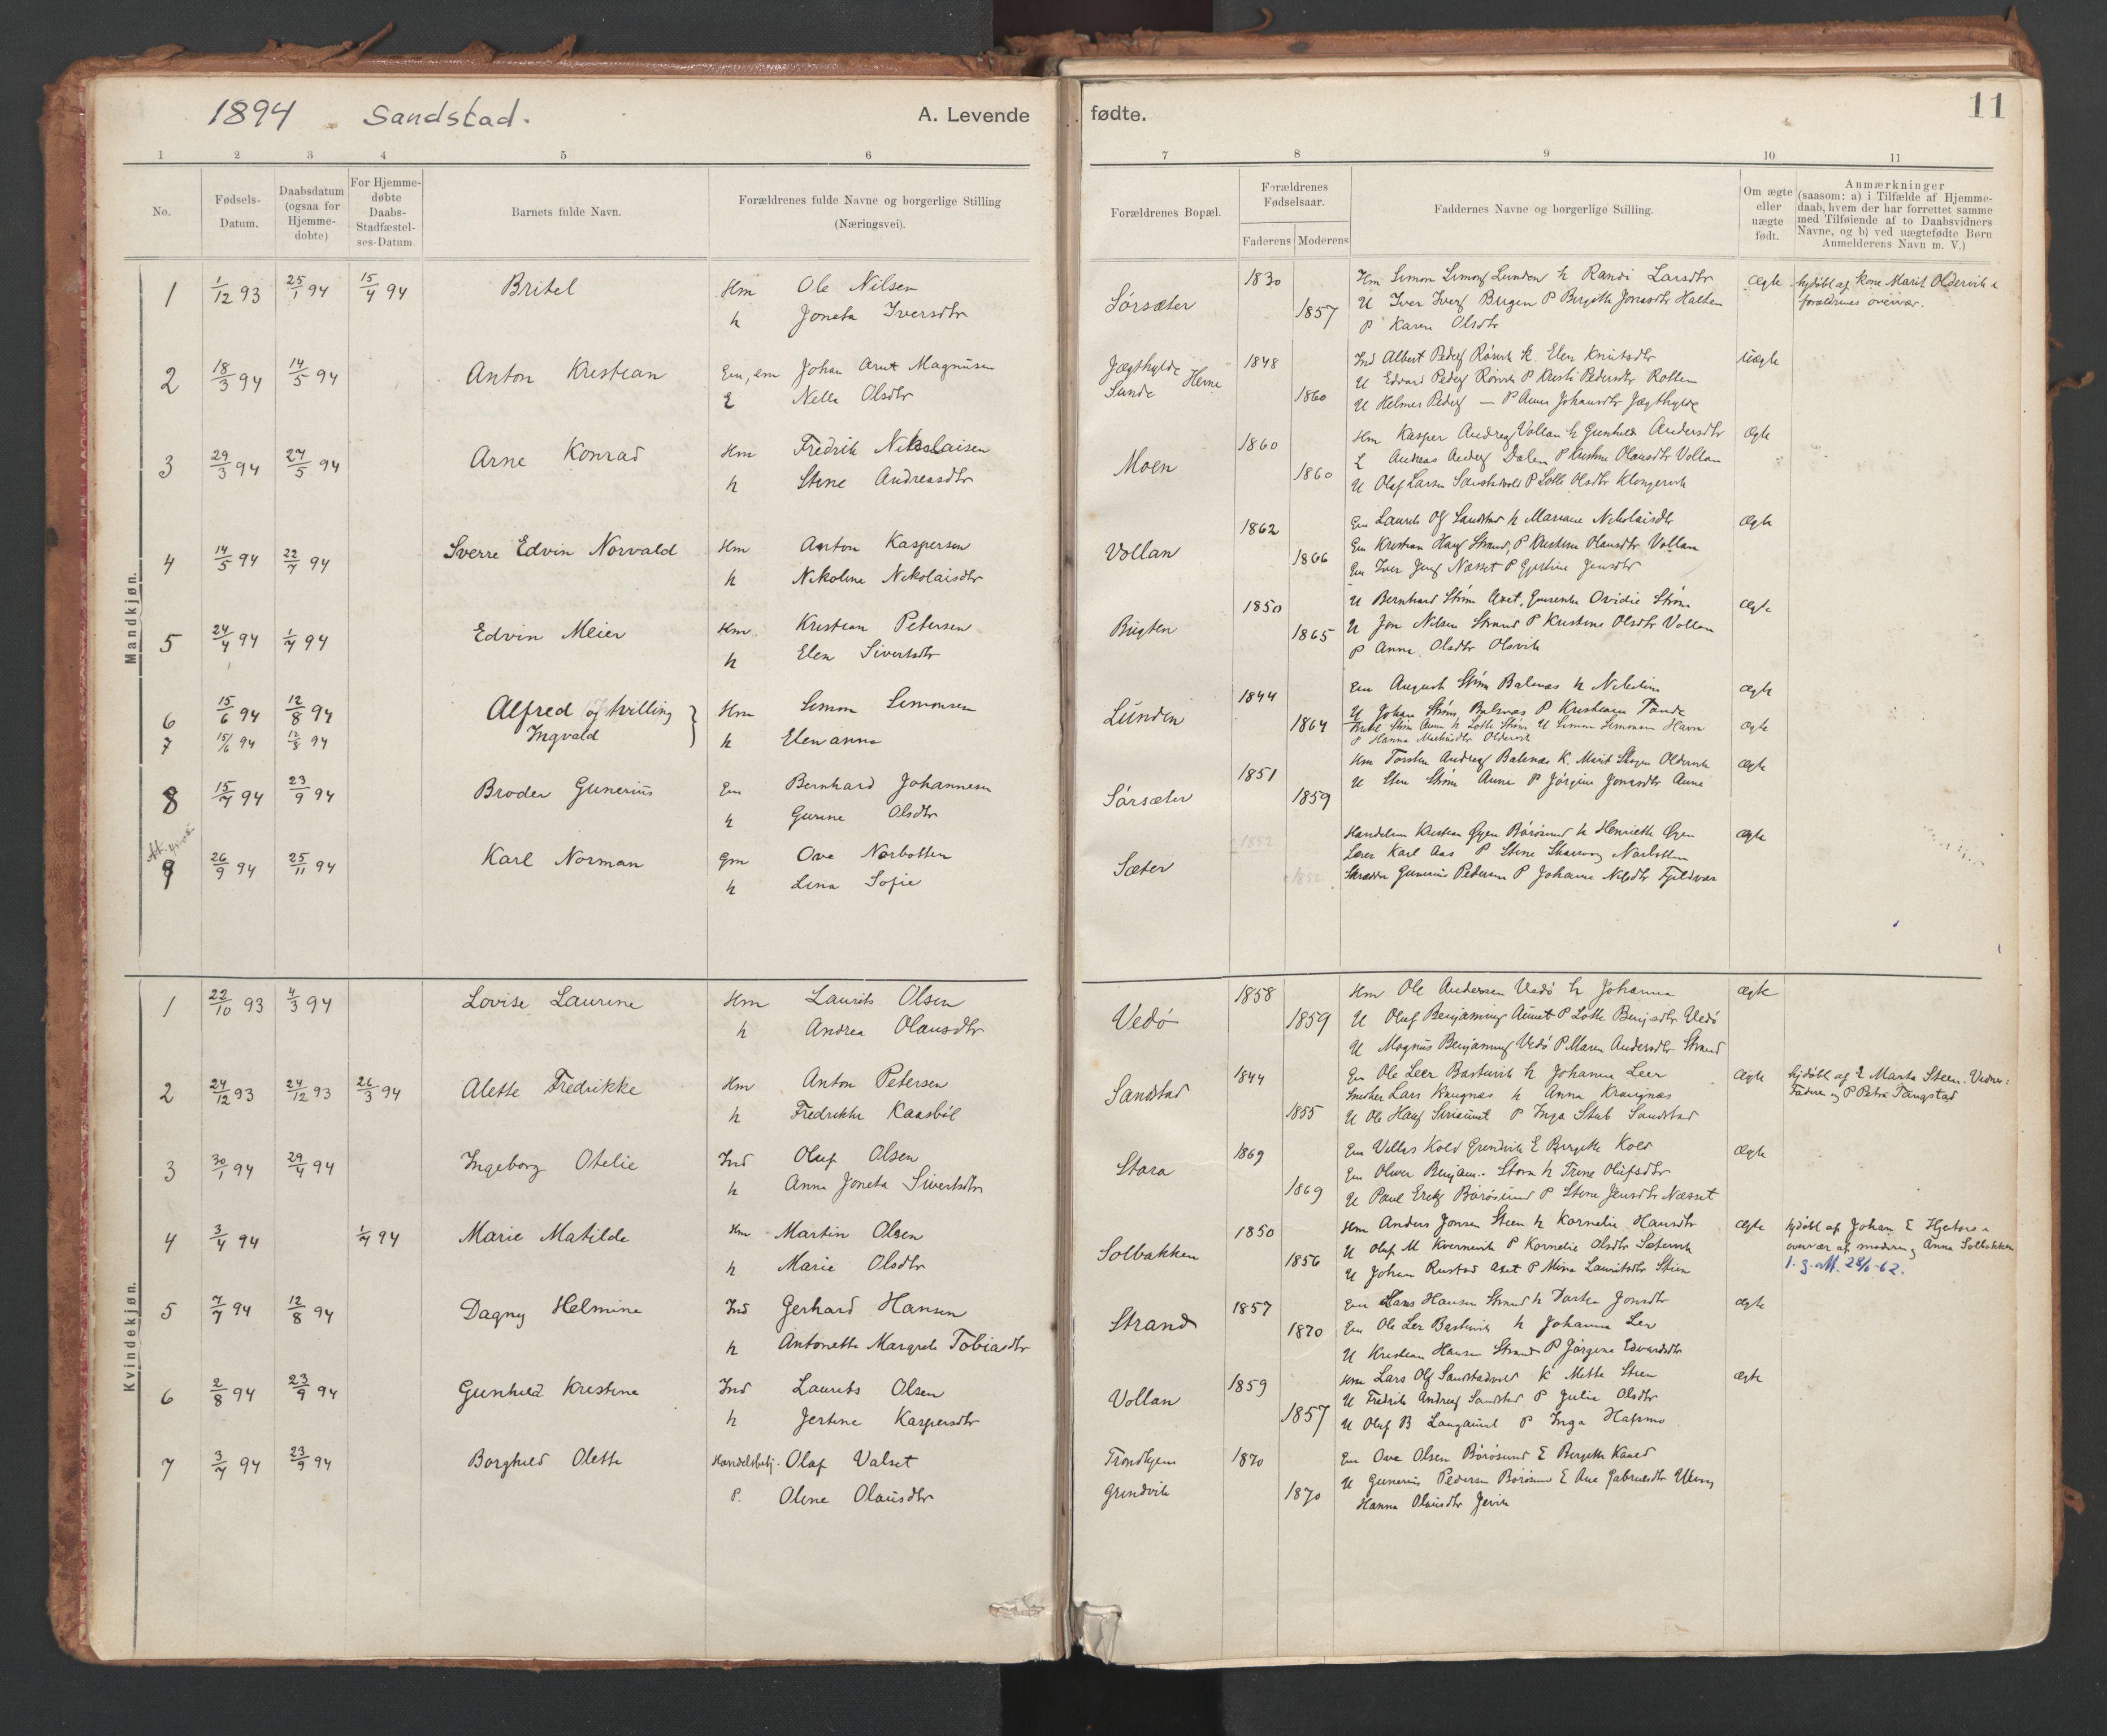 SAT, Ministerialprotokoller, klokkerbøker og fødselsregistre - Sør-Trøndelag, 639/L0572: Ministerialbok nr. 639A01, 1890-1920, s. 11